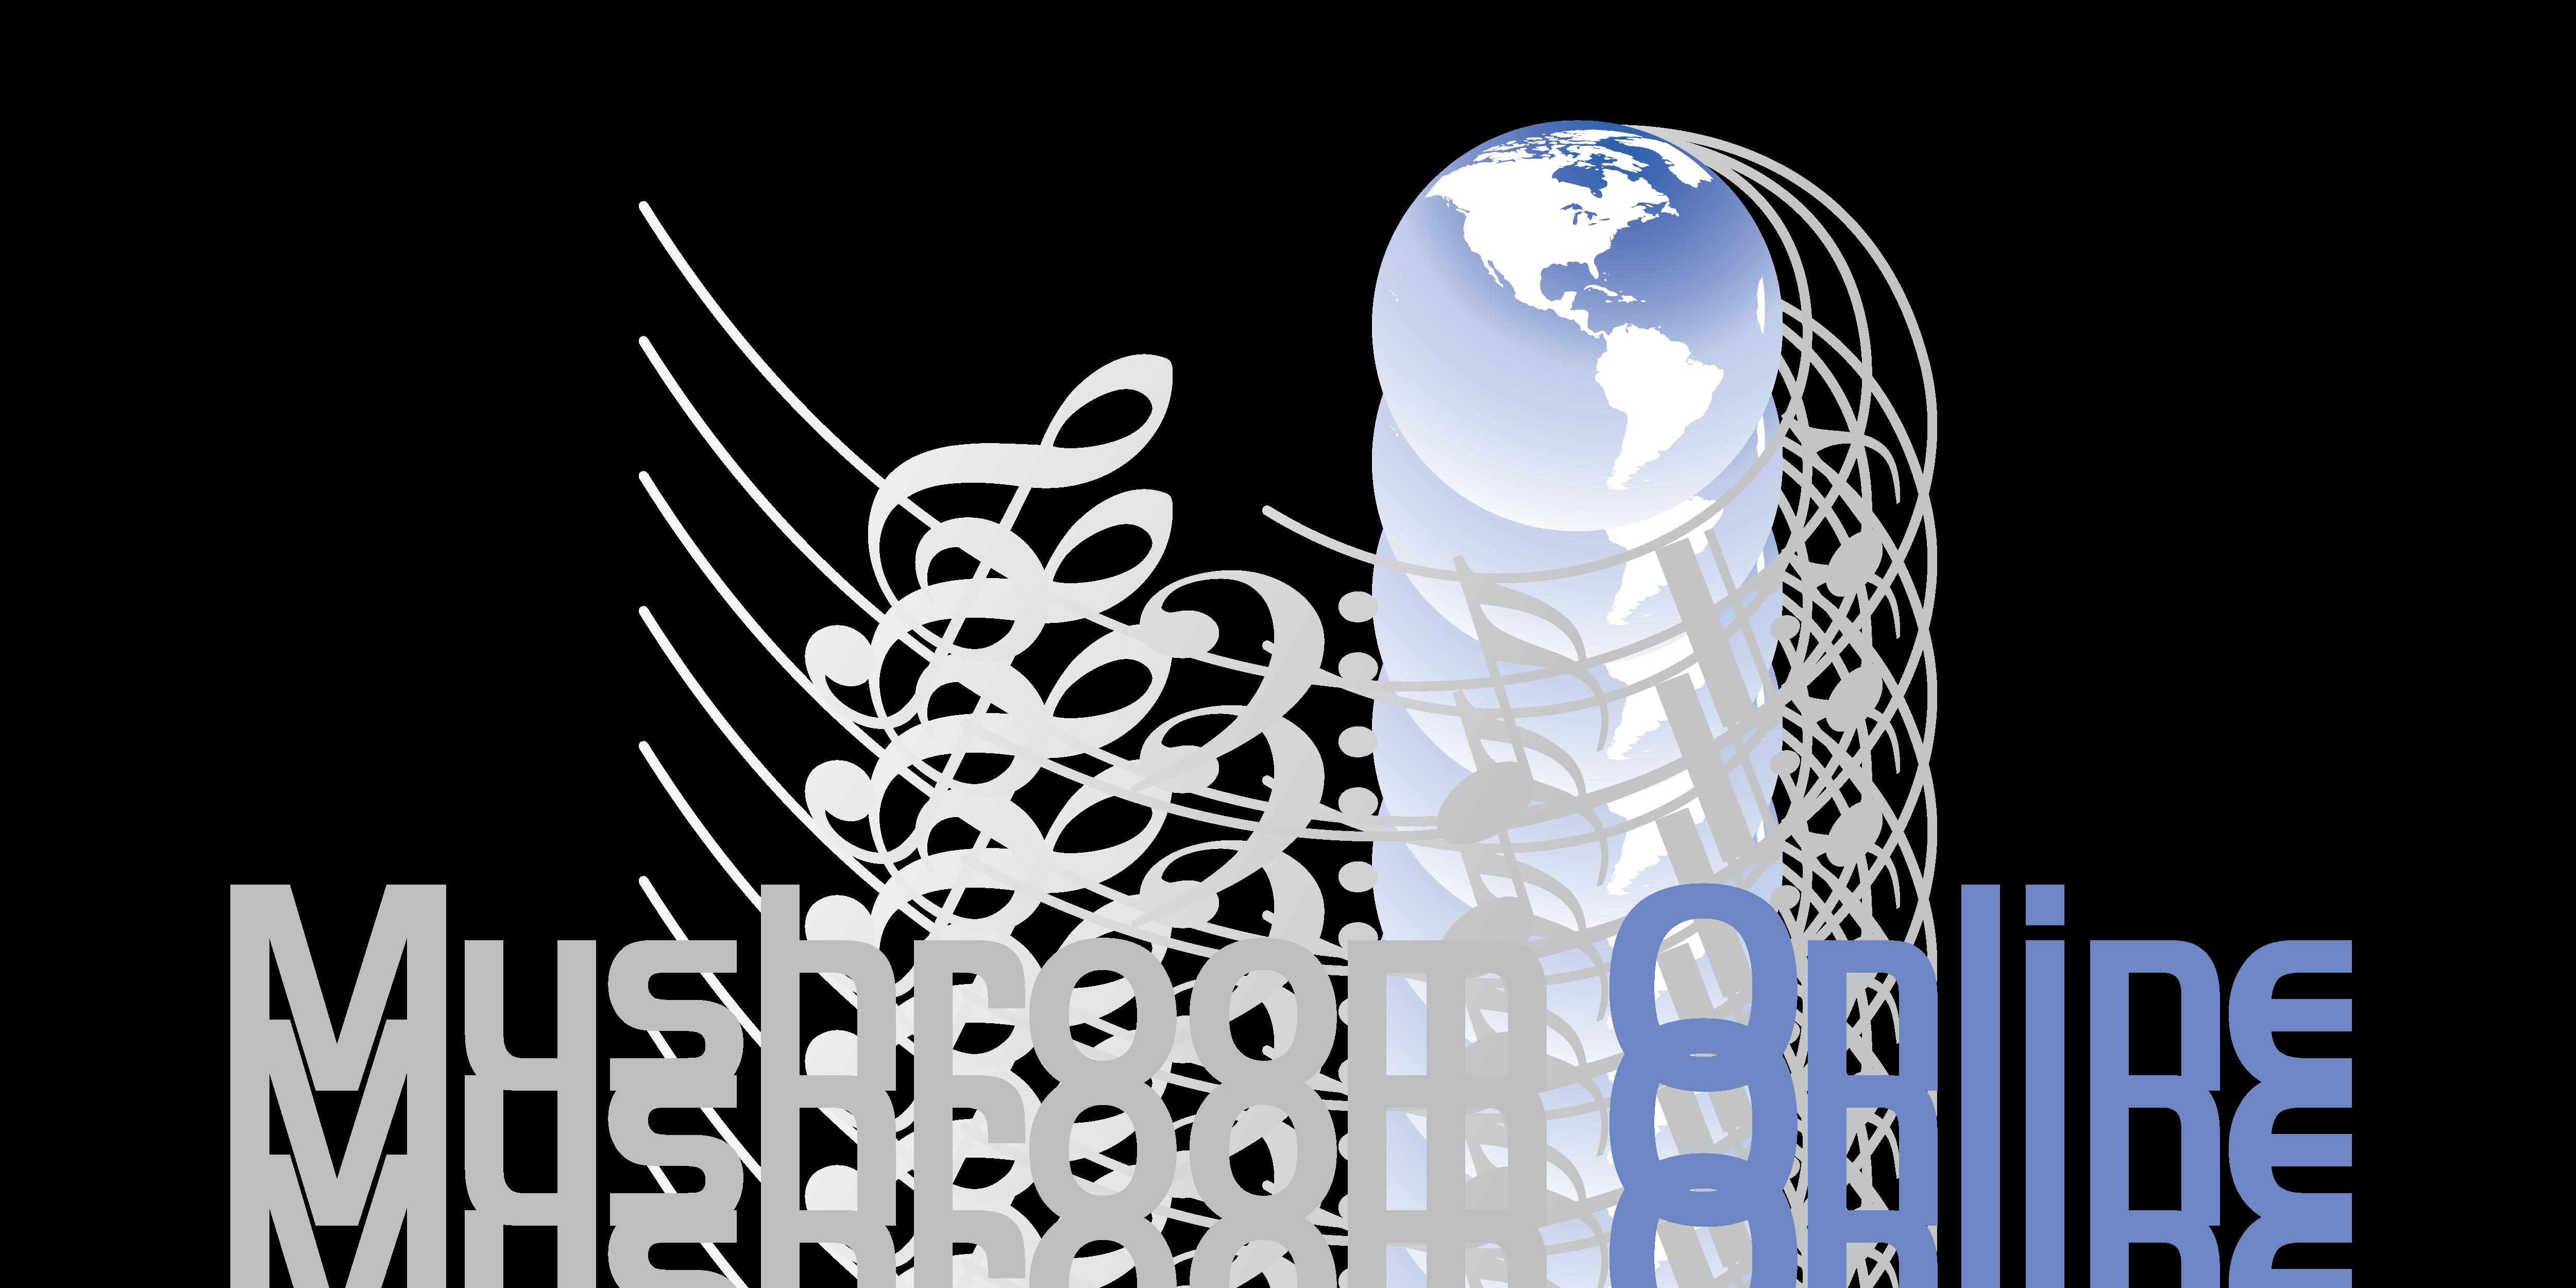 Mushroom Online